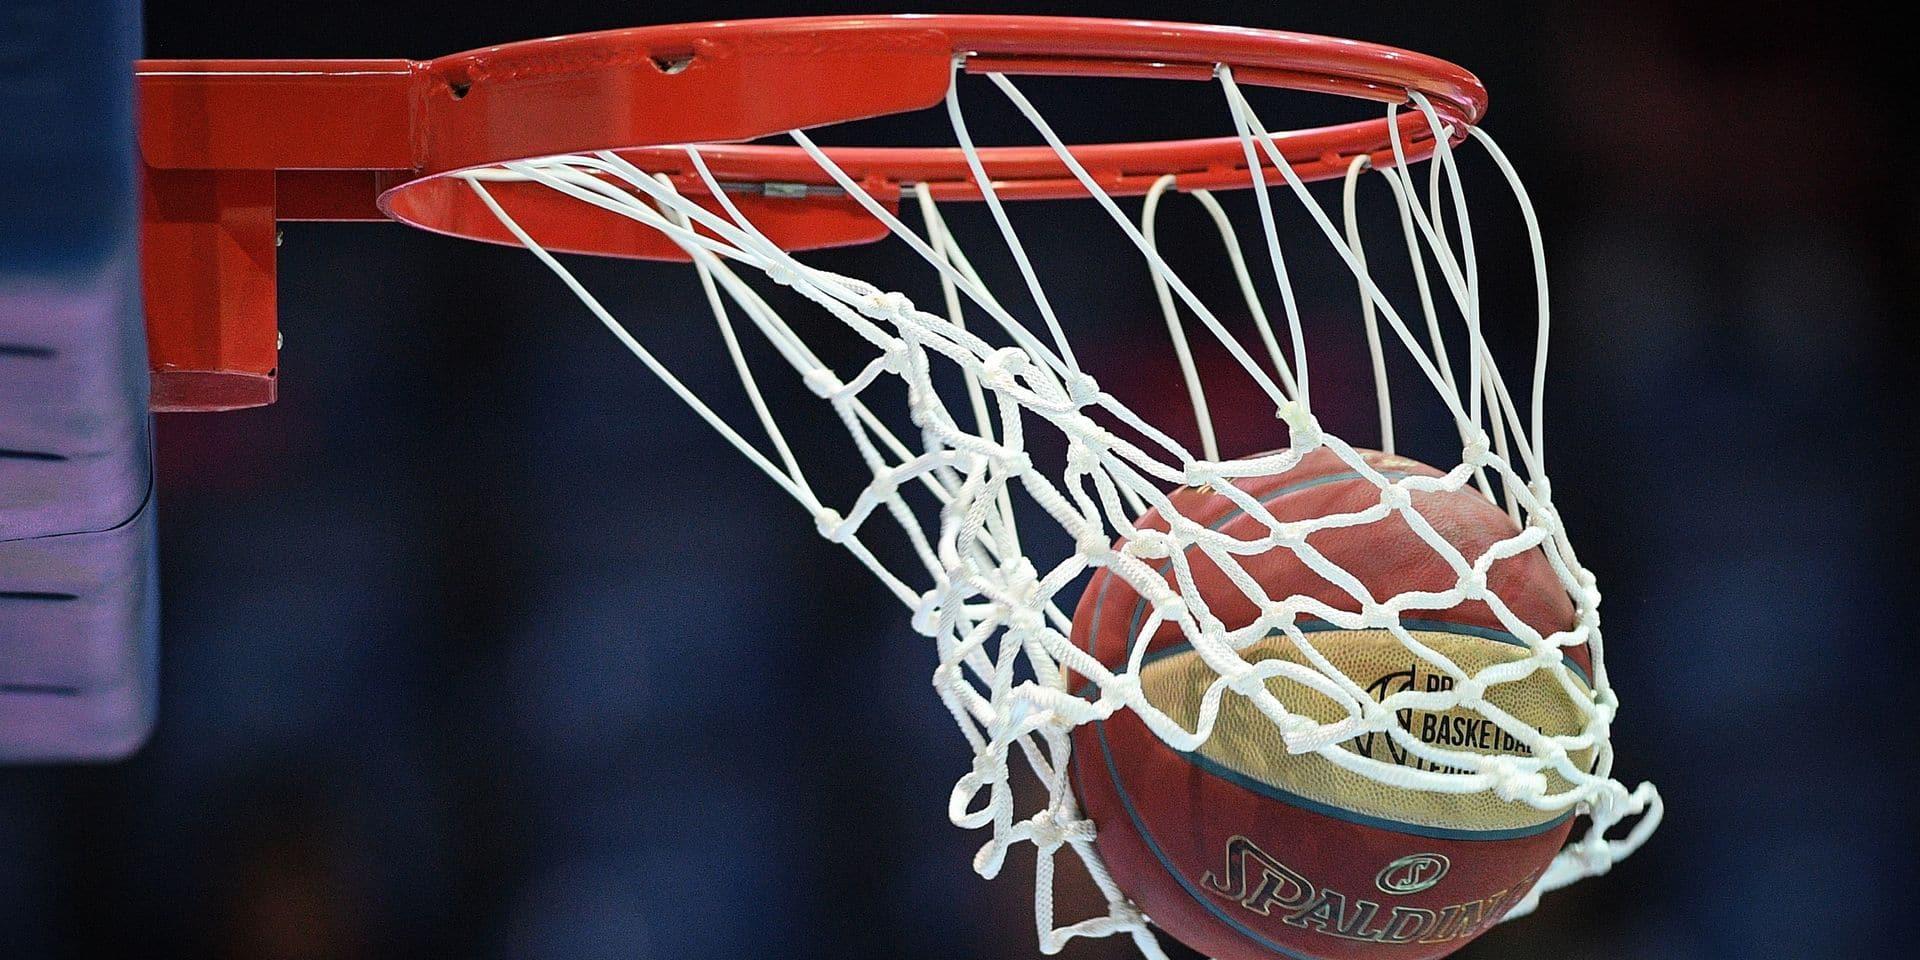 Après deux mois d'arrêt, le championnat de Belgique de basket féminin peut reprendre